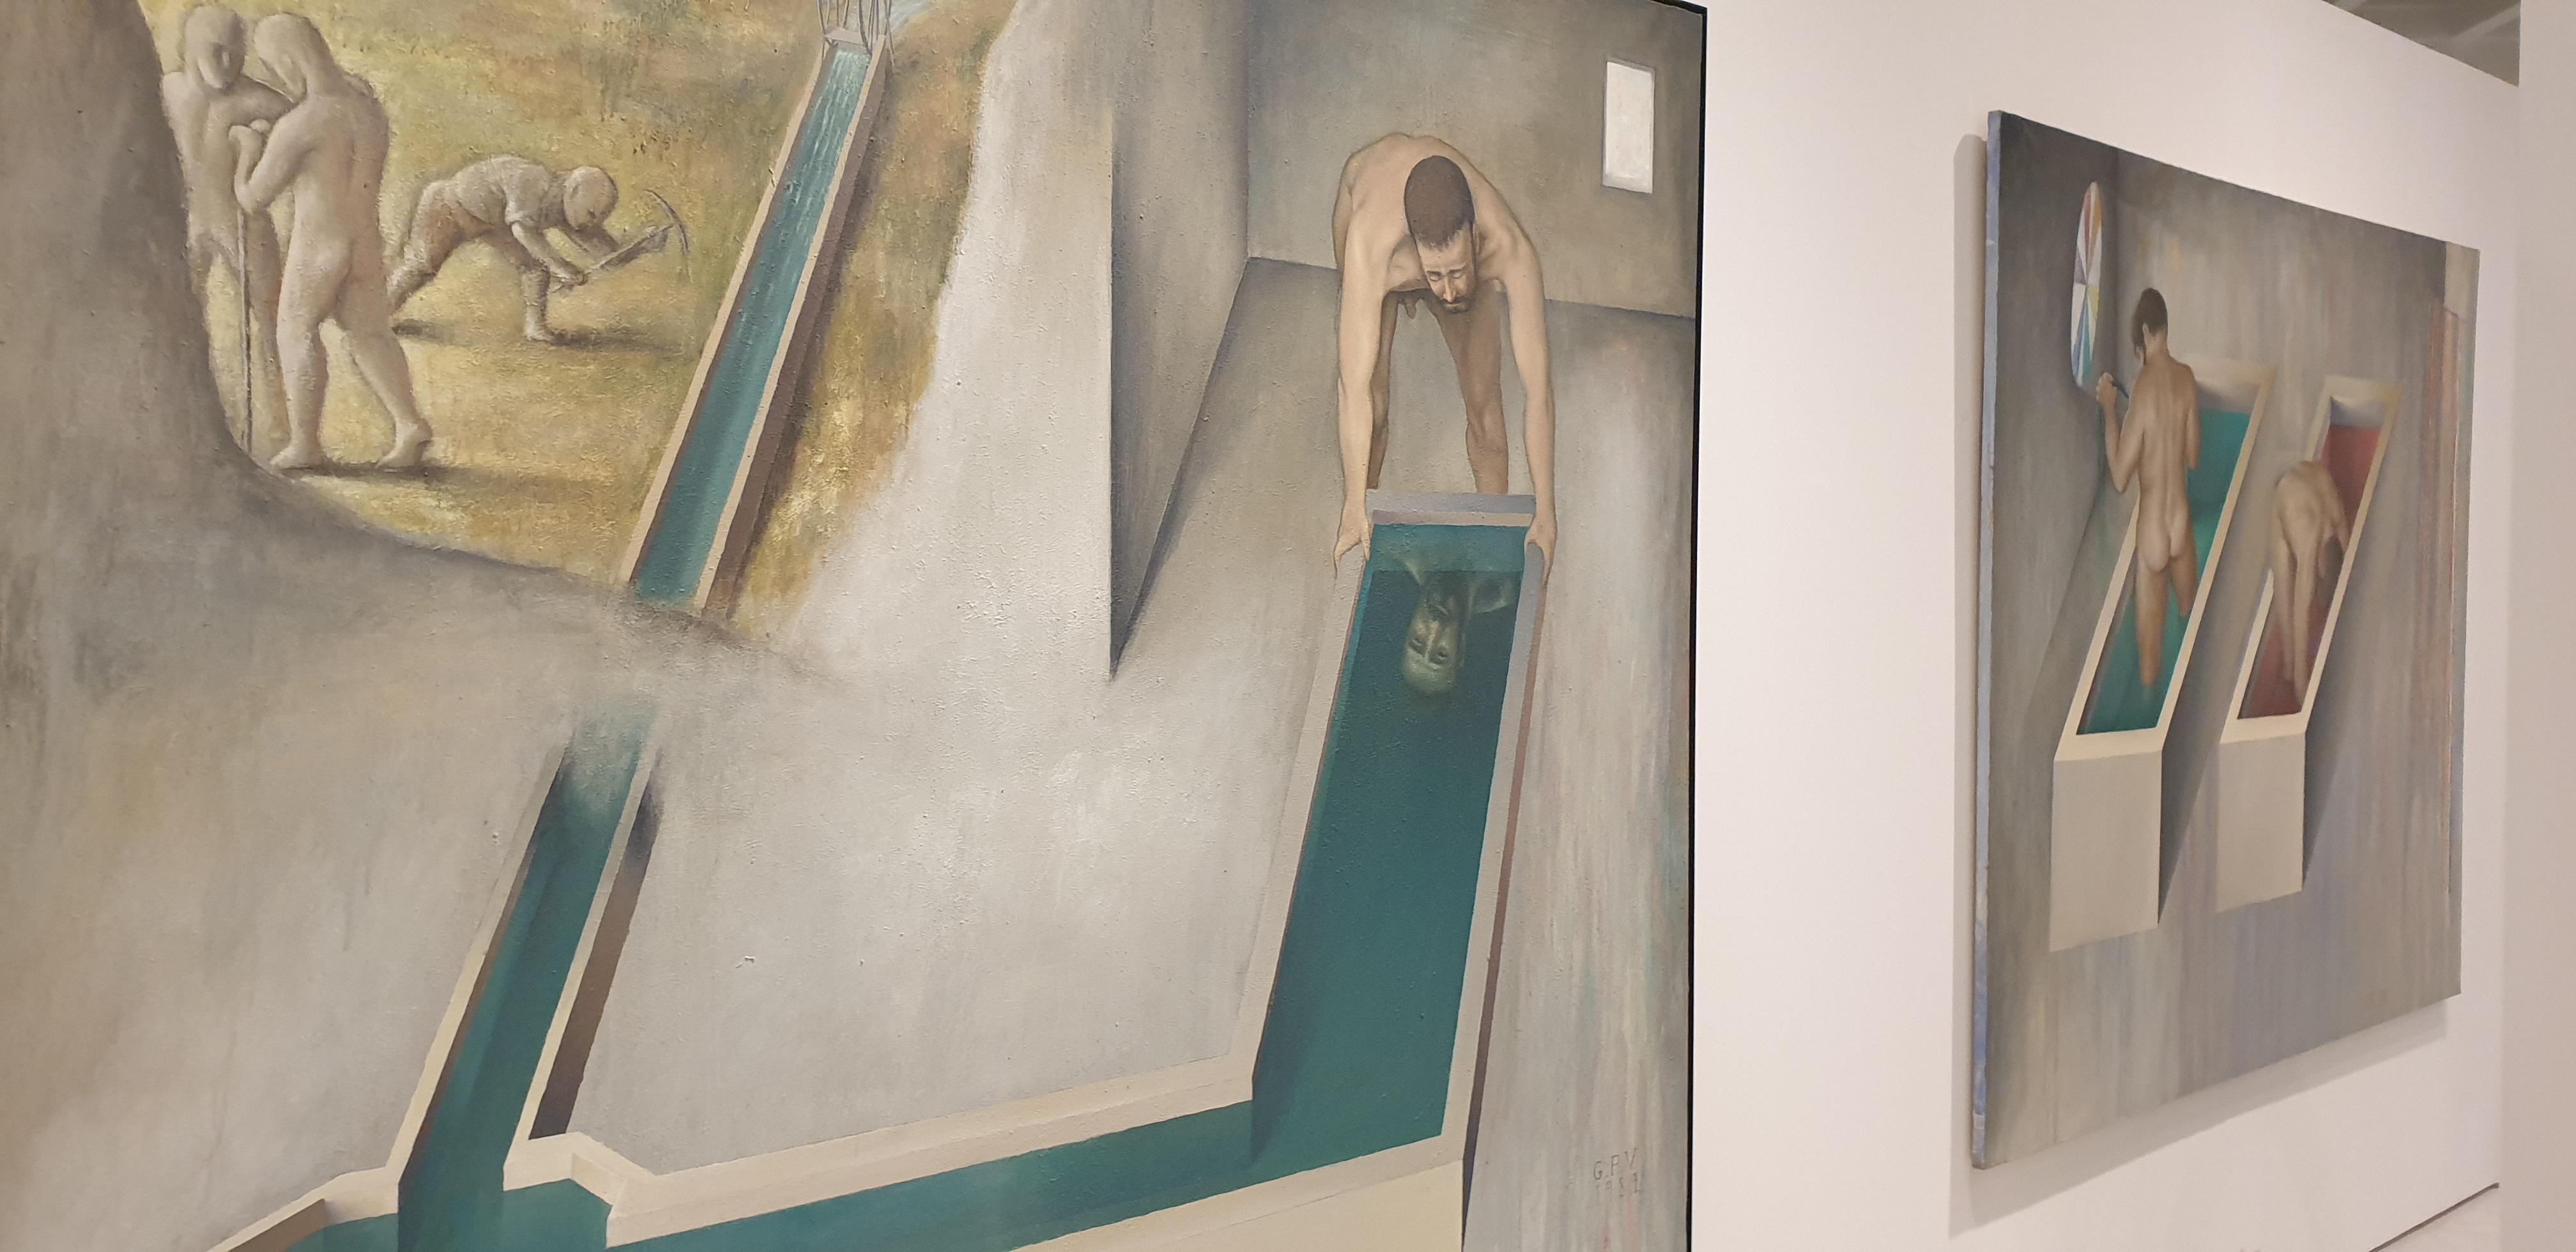 guillermo perez villalta,alcala 31, exposicion,labirinto,madrid,pintos,dibujante